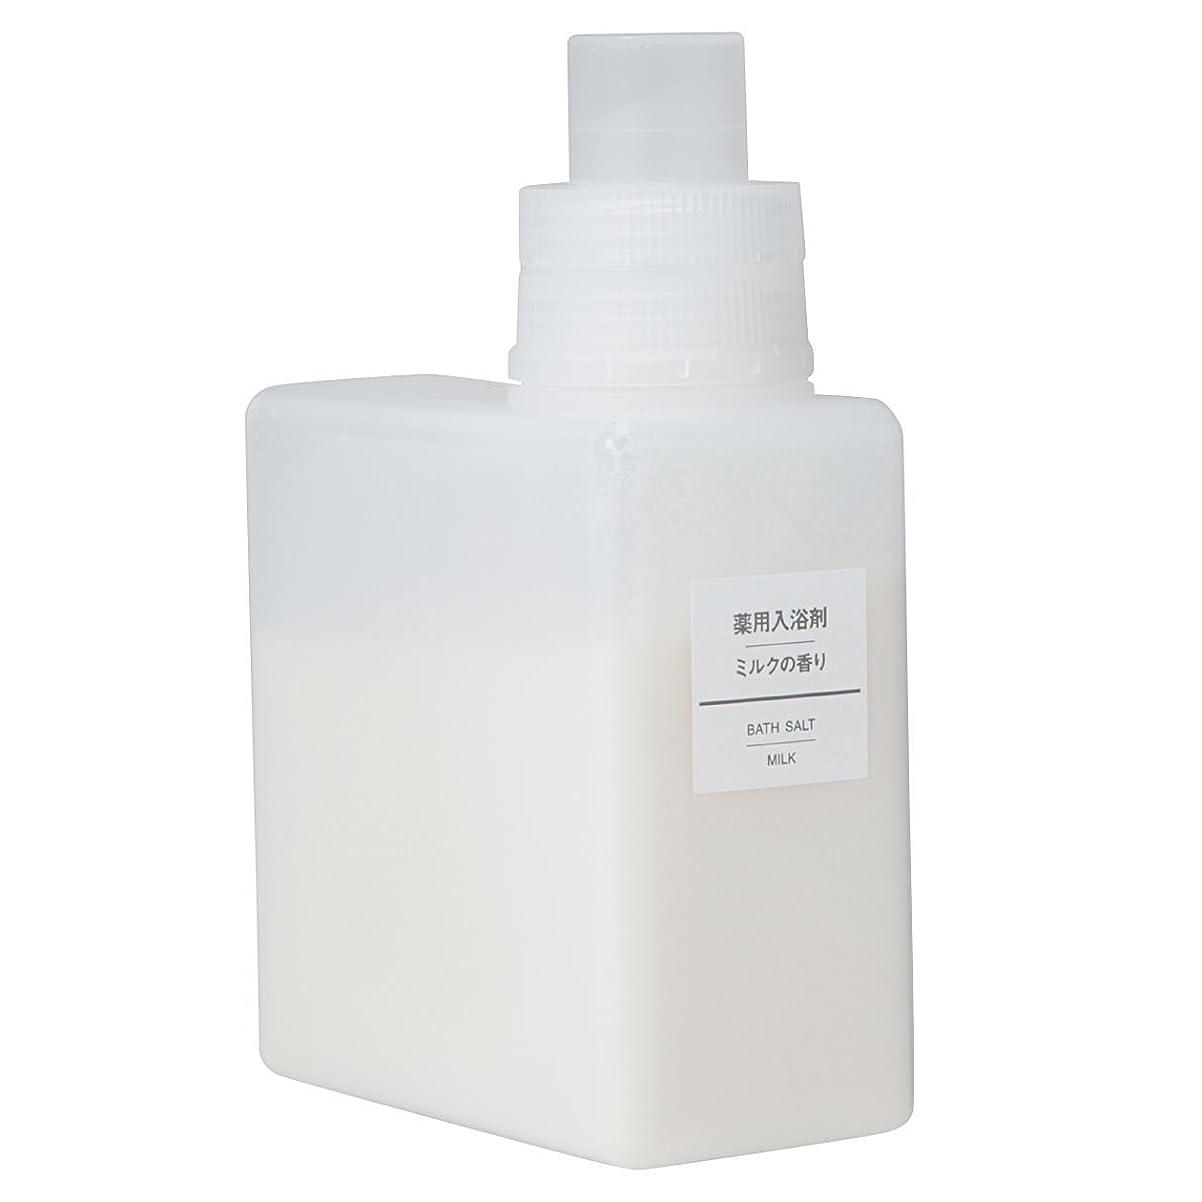 対処医薬品祖父母を訪問無印良品 薬用入浴剤?ミルクの香り (新)500g 日本製